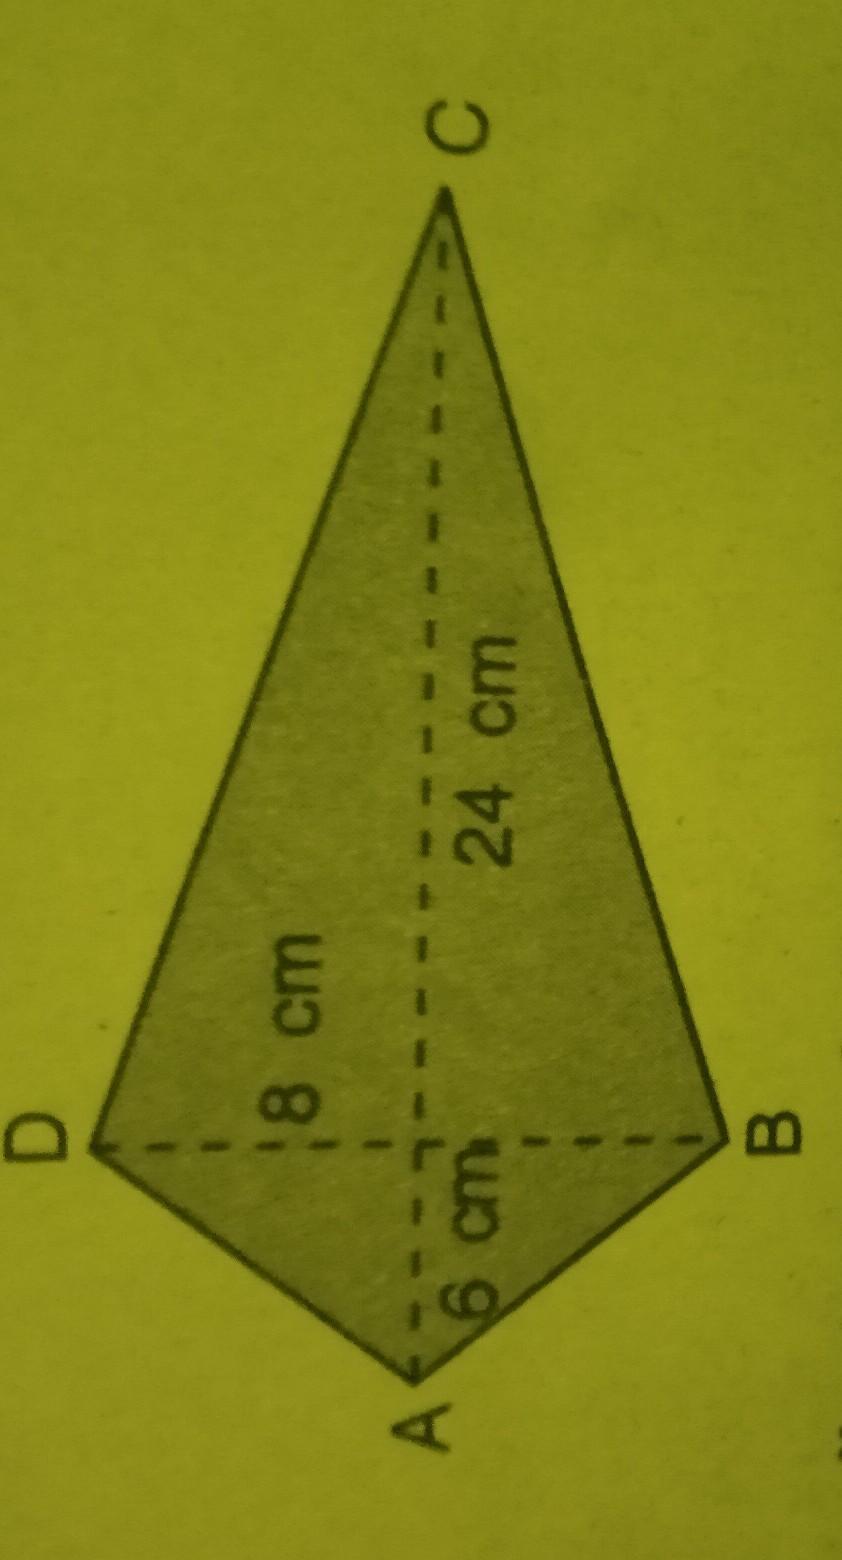 Perhatikan Gambar Berikut Luas Layang-layang Tersebut Adalah : perhatikan, gambar, berikut, layang-layang, tersebut, adalah, Perhatikan, Gambar, Berikut, Layang-layang, Tersebut, Adalah, Brainly.co.id